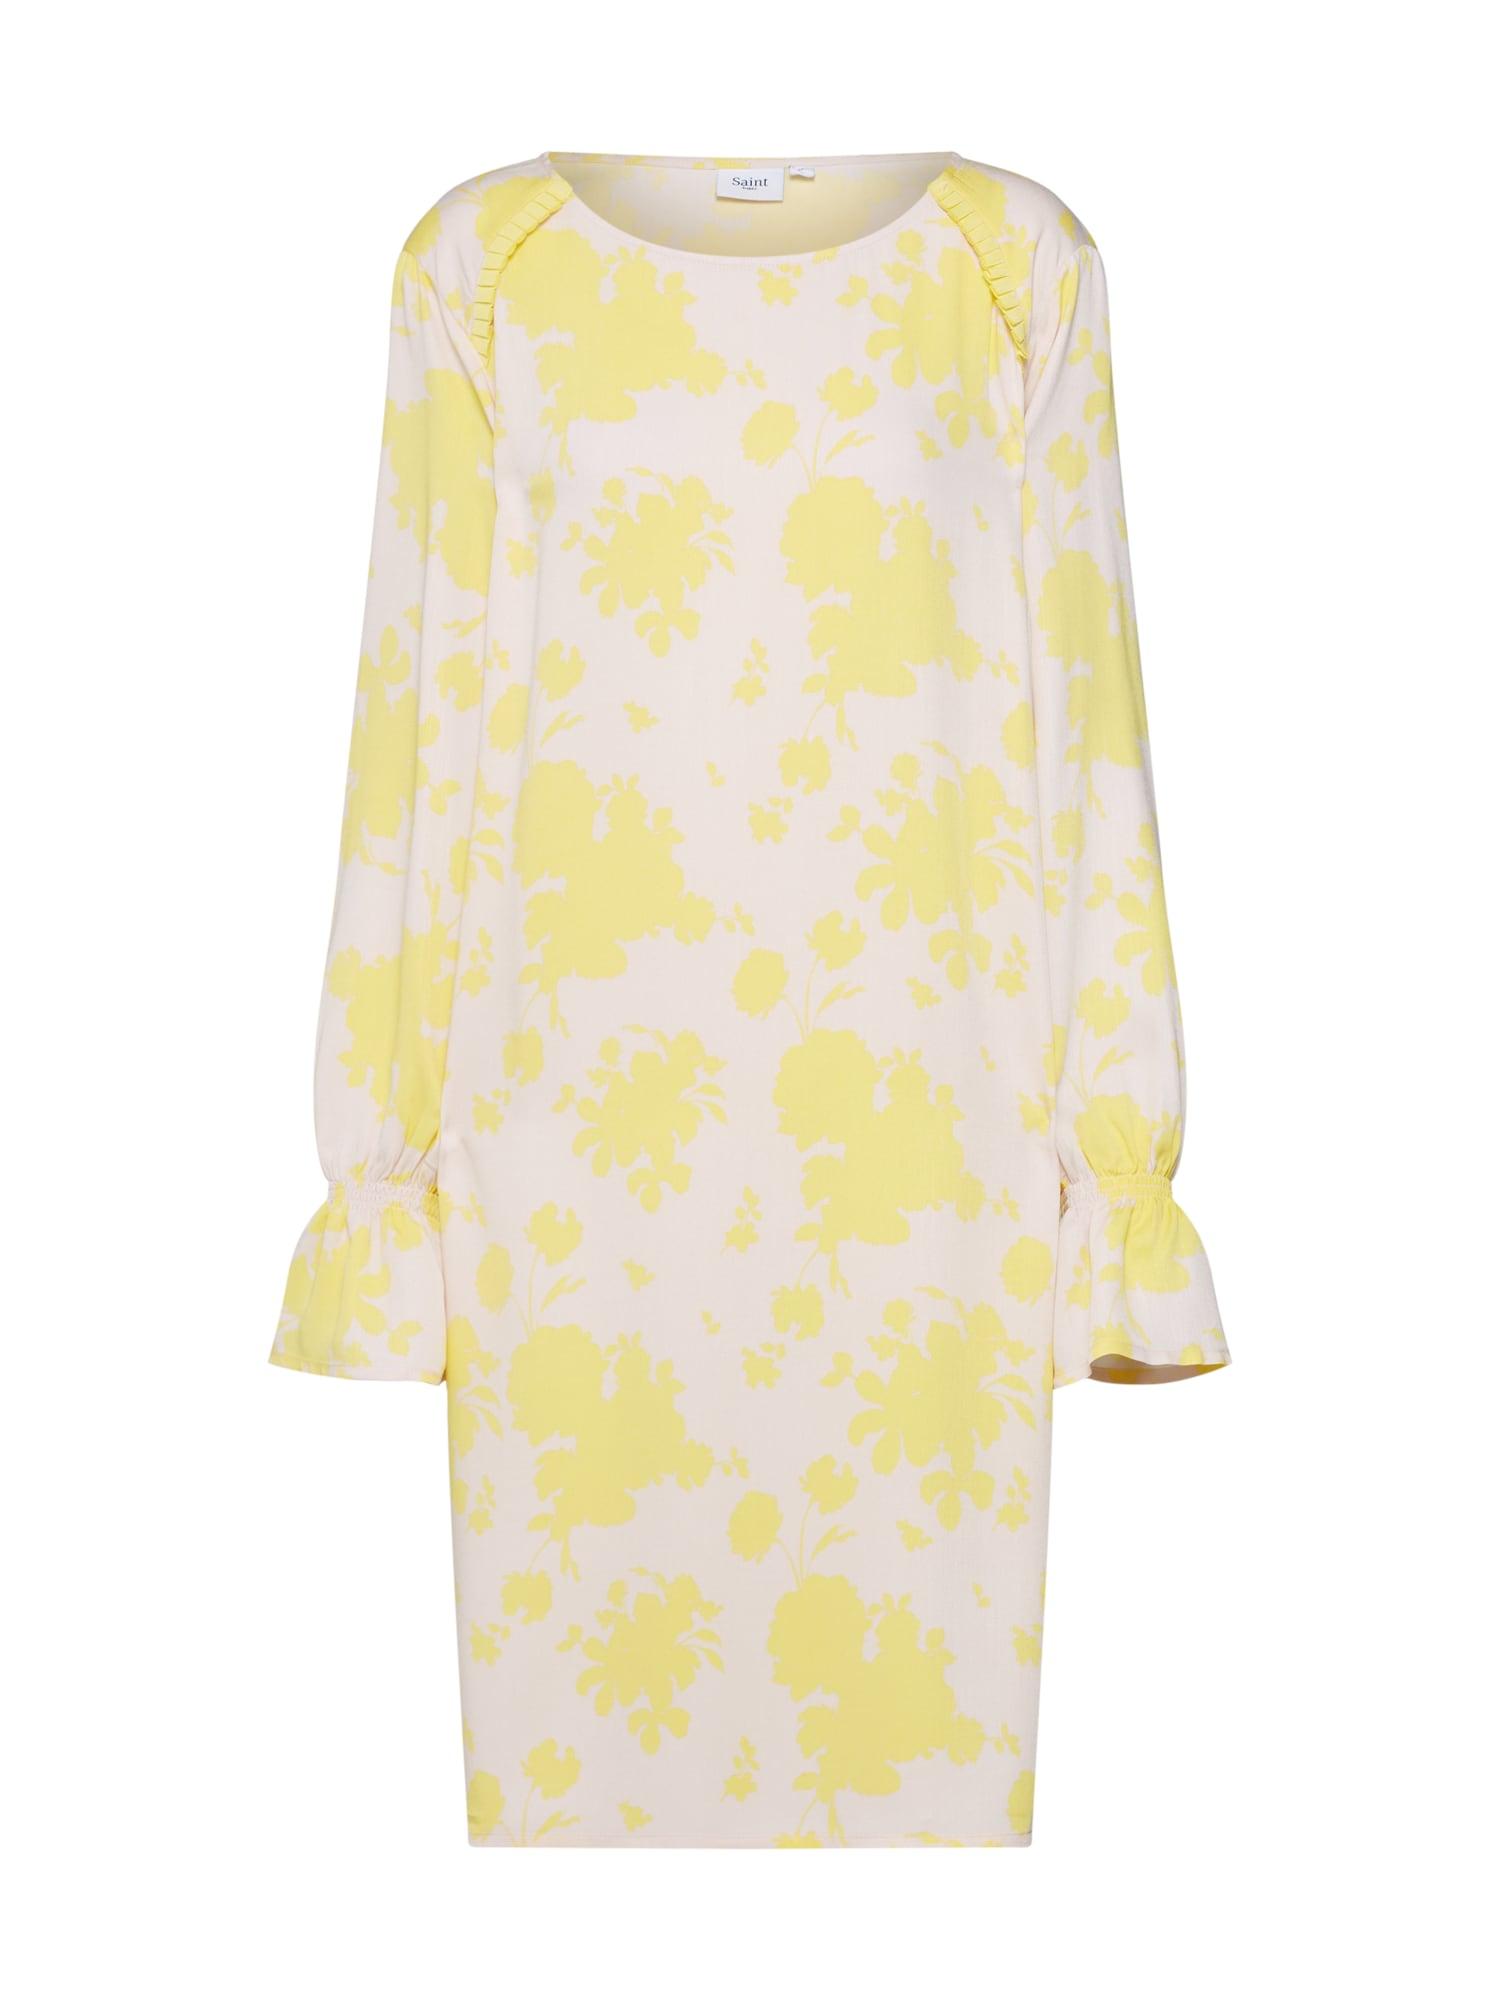 Šaty Candy Flower  béžová  žlutá SAINT TROPEZ